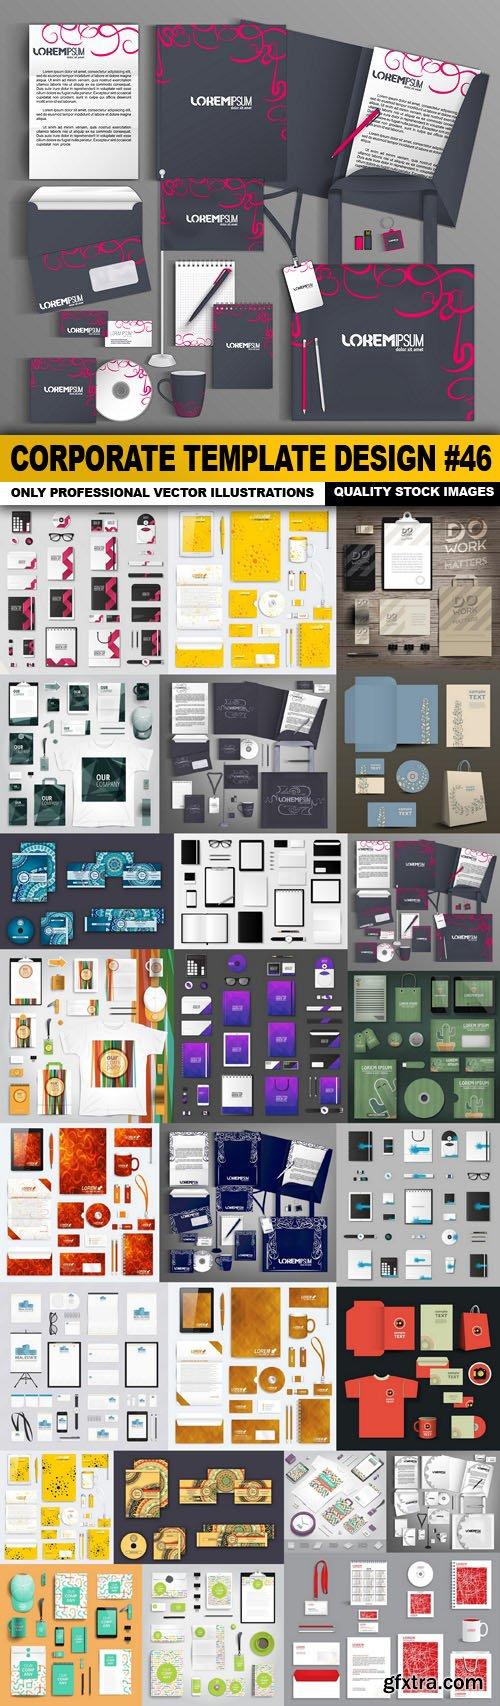 Corporate Template Design #46 - 25 Vector